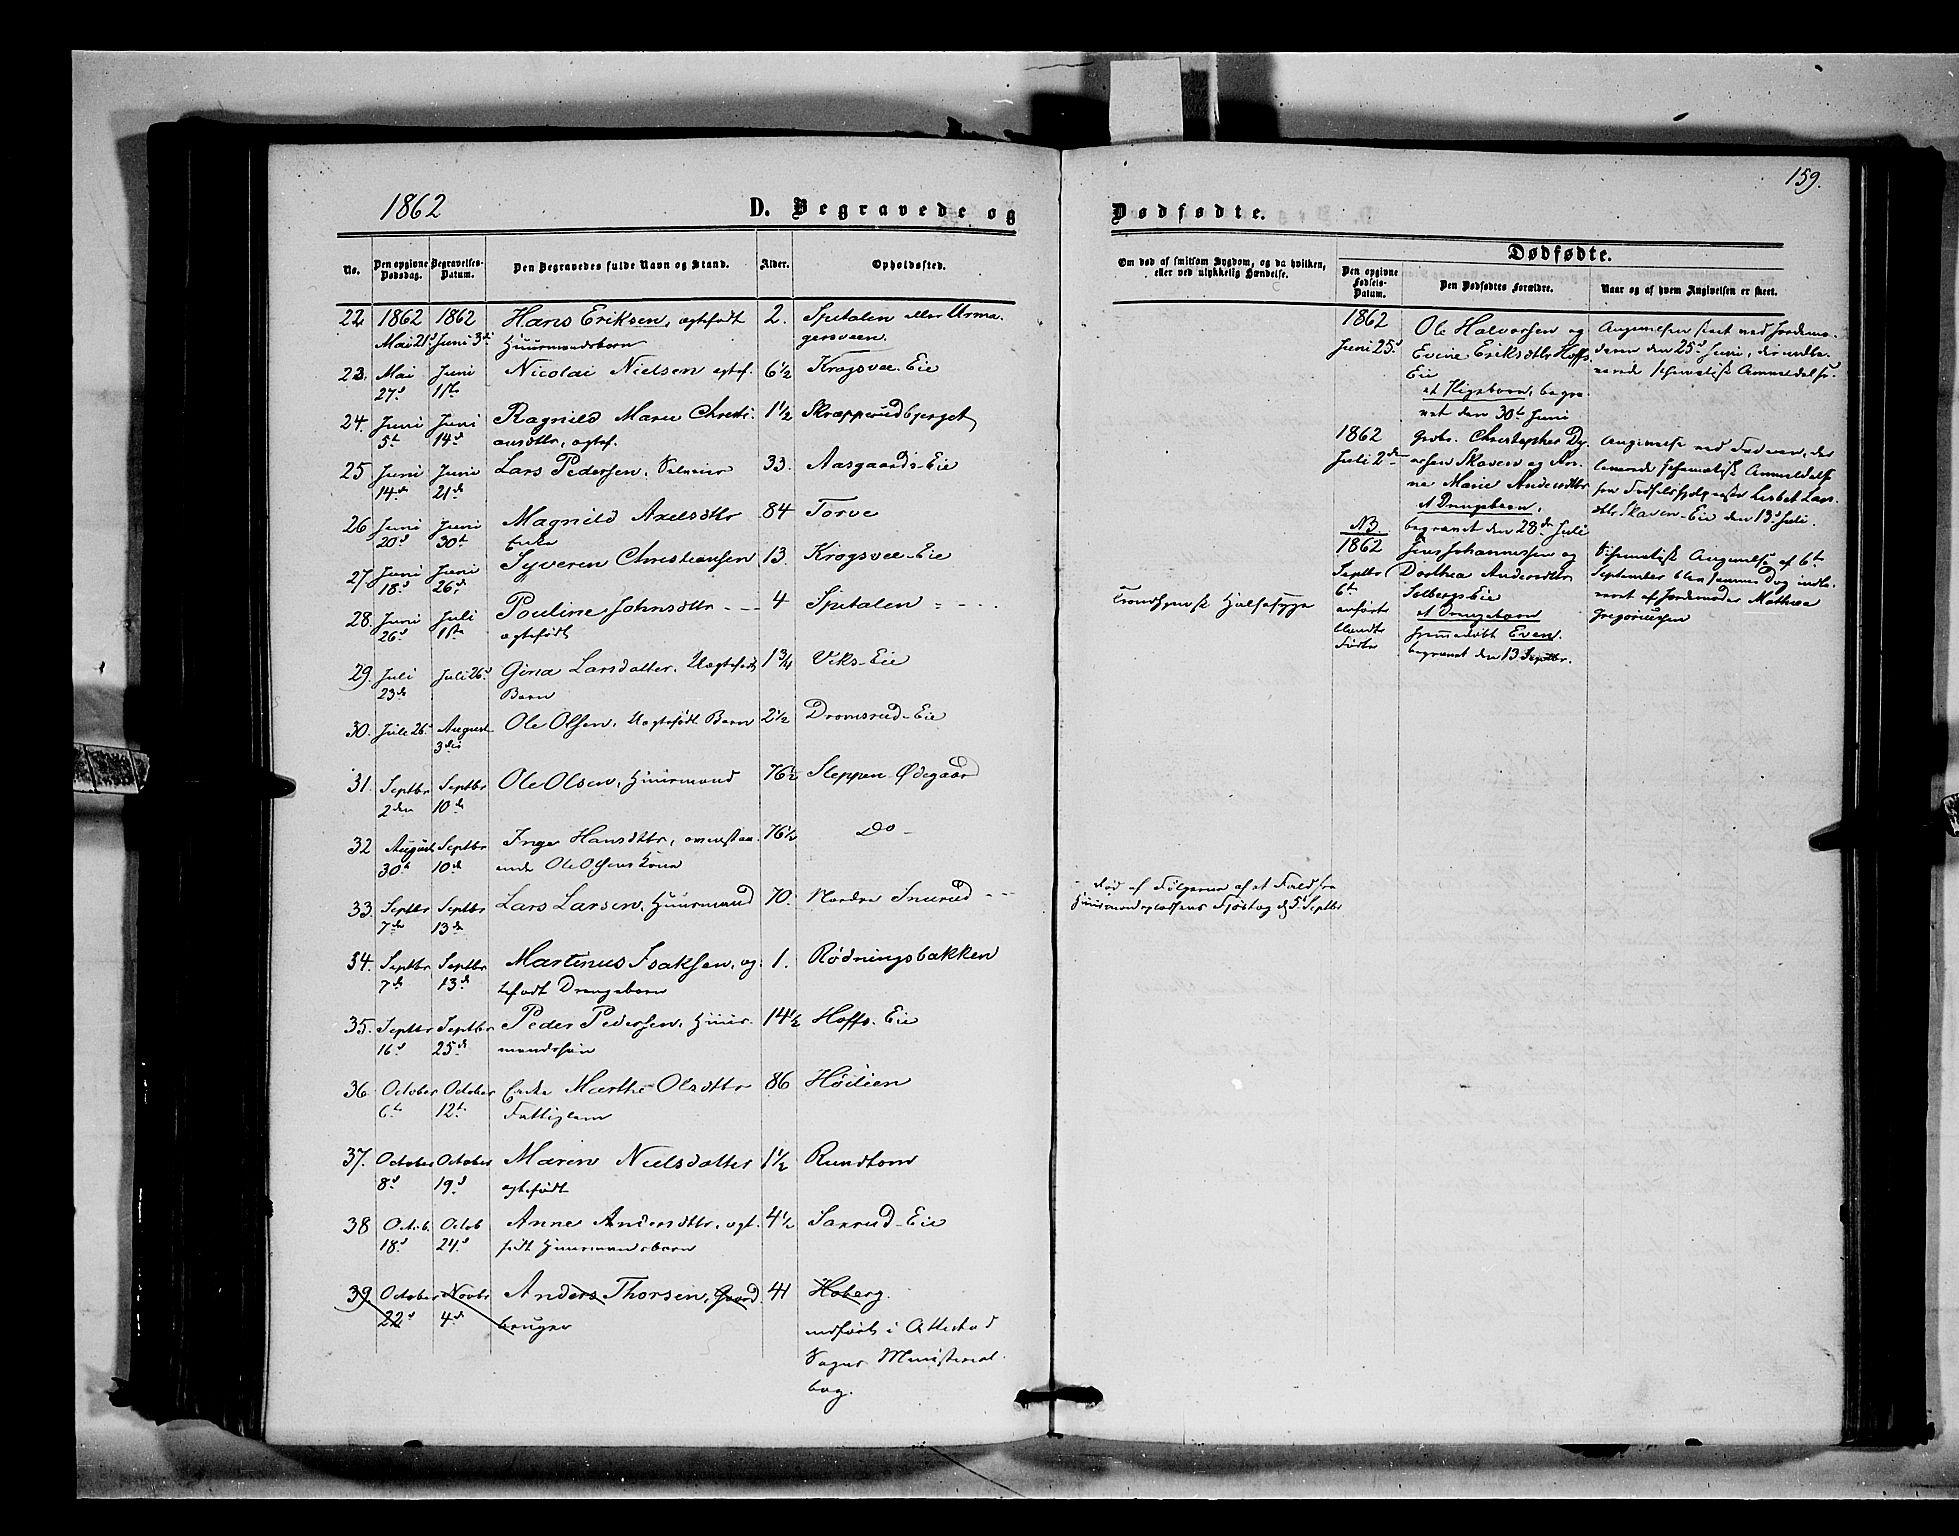 SAH, Stange prestekontor, K/L0014: Parish register (official) no. 14, 1862-1879, p. 159